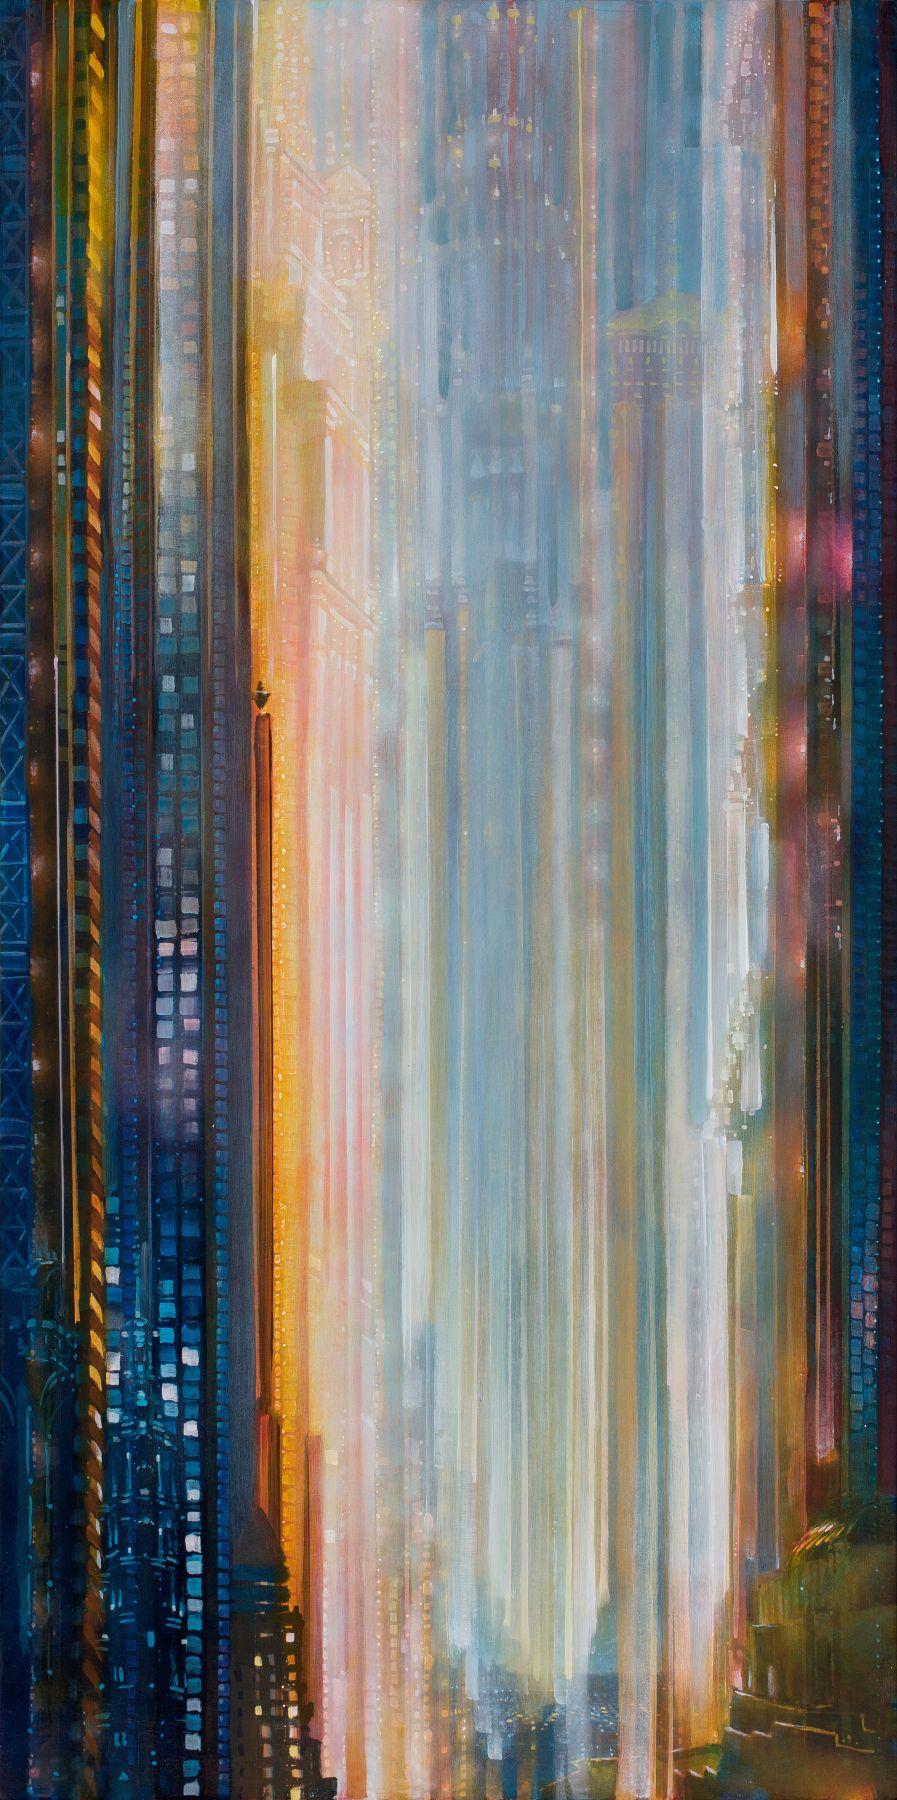 Torrent, 2019 Oil on canvas in the artist's handmade frame